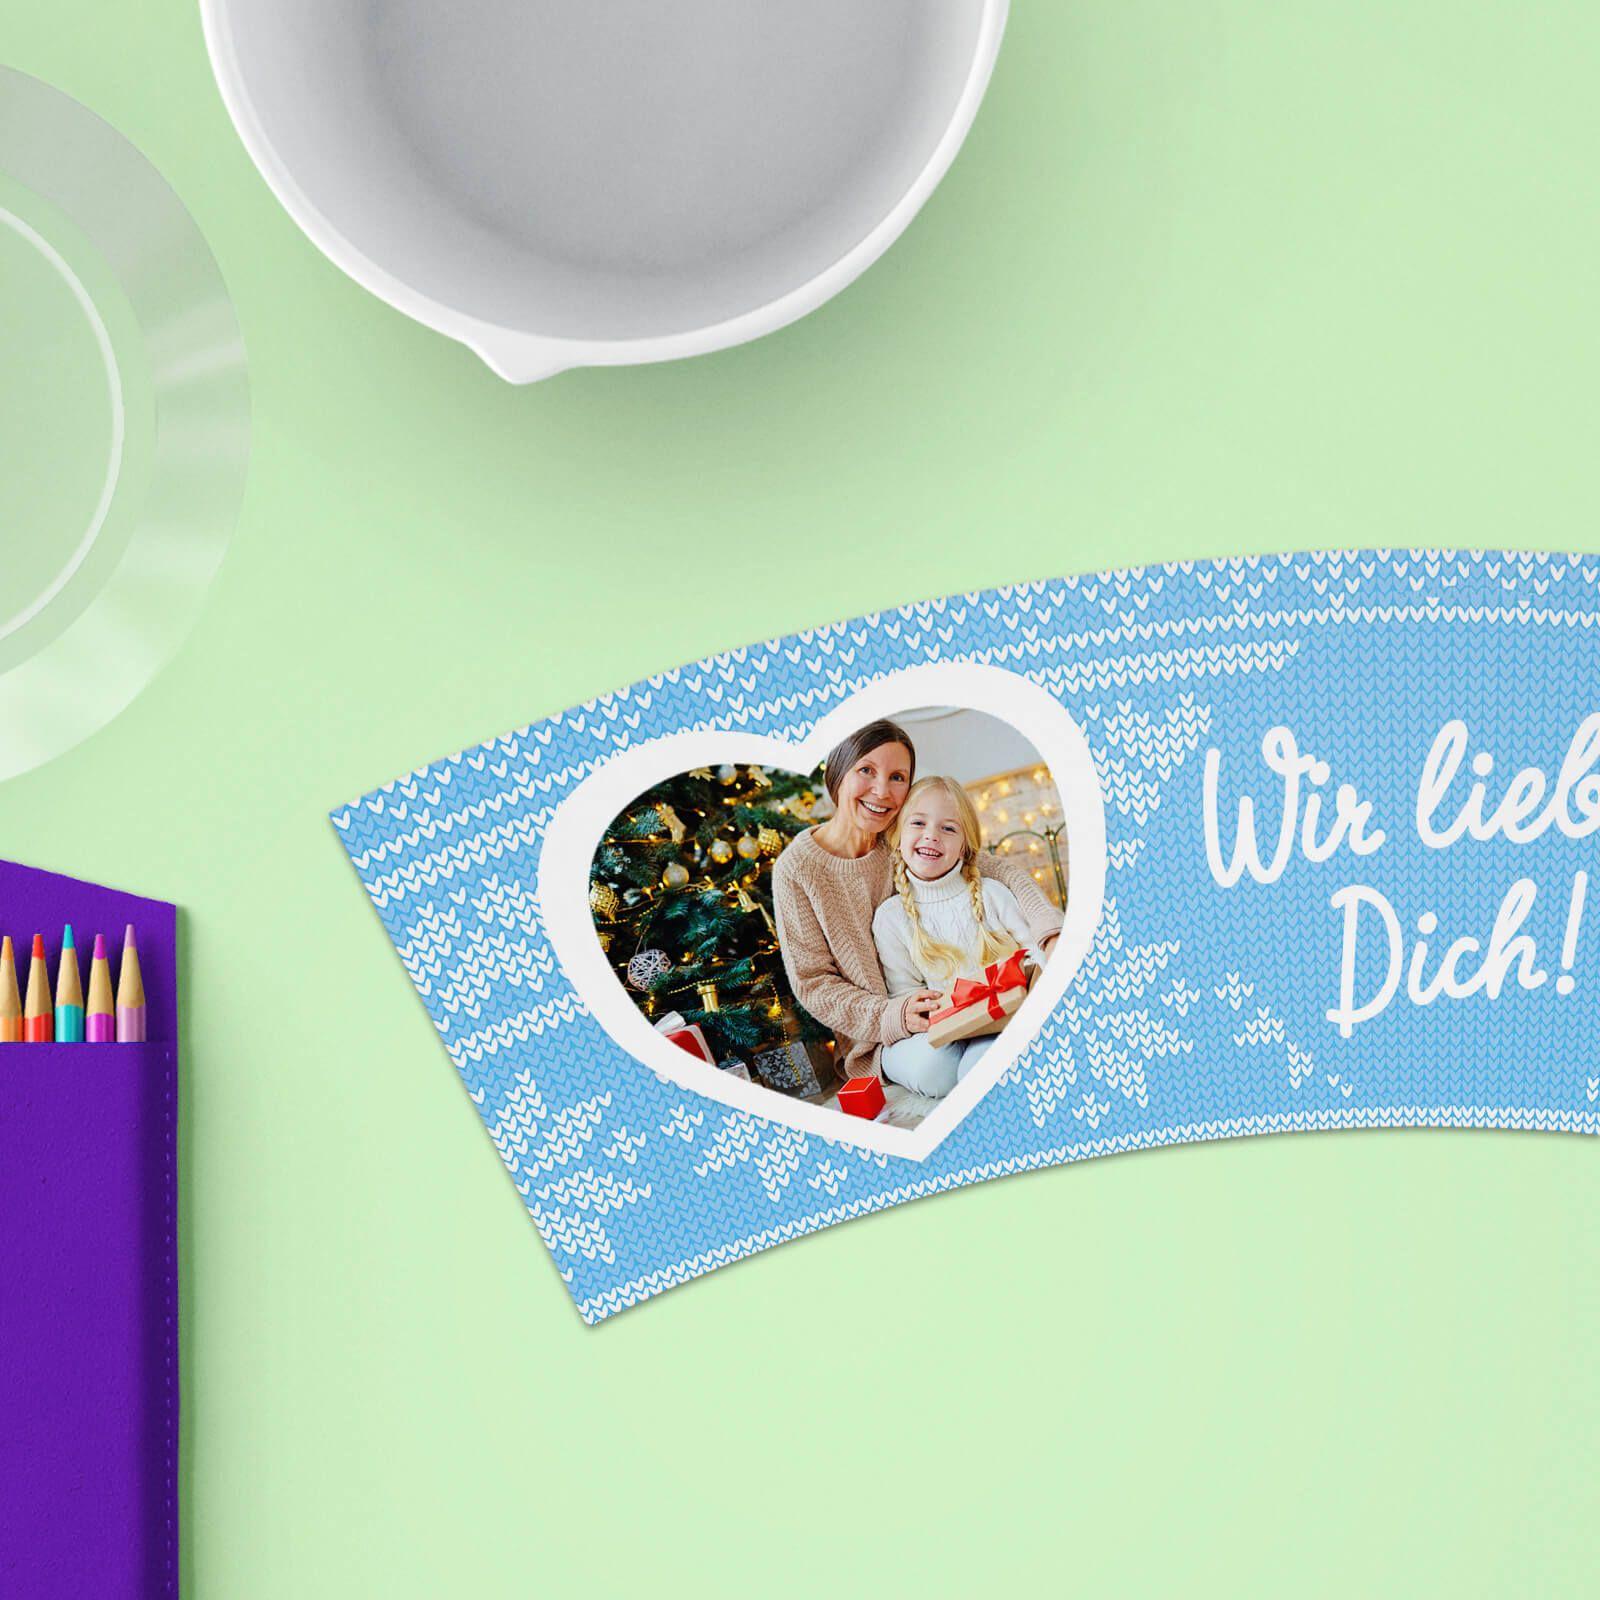 Wir Lieben Dich 🎅 Weihnachten Geschenke selber machen, mit diesem ...